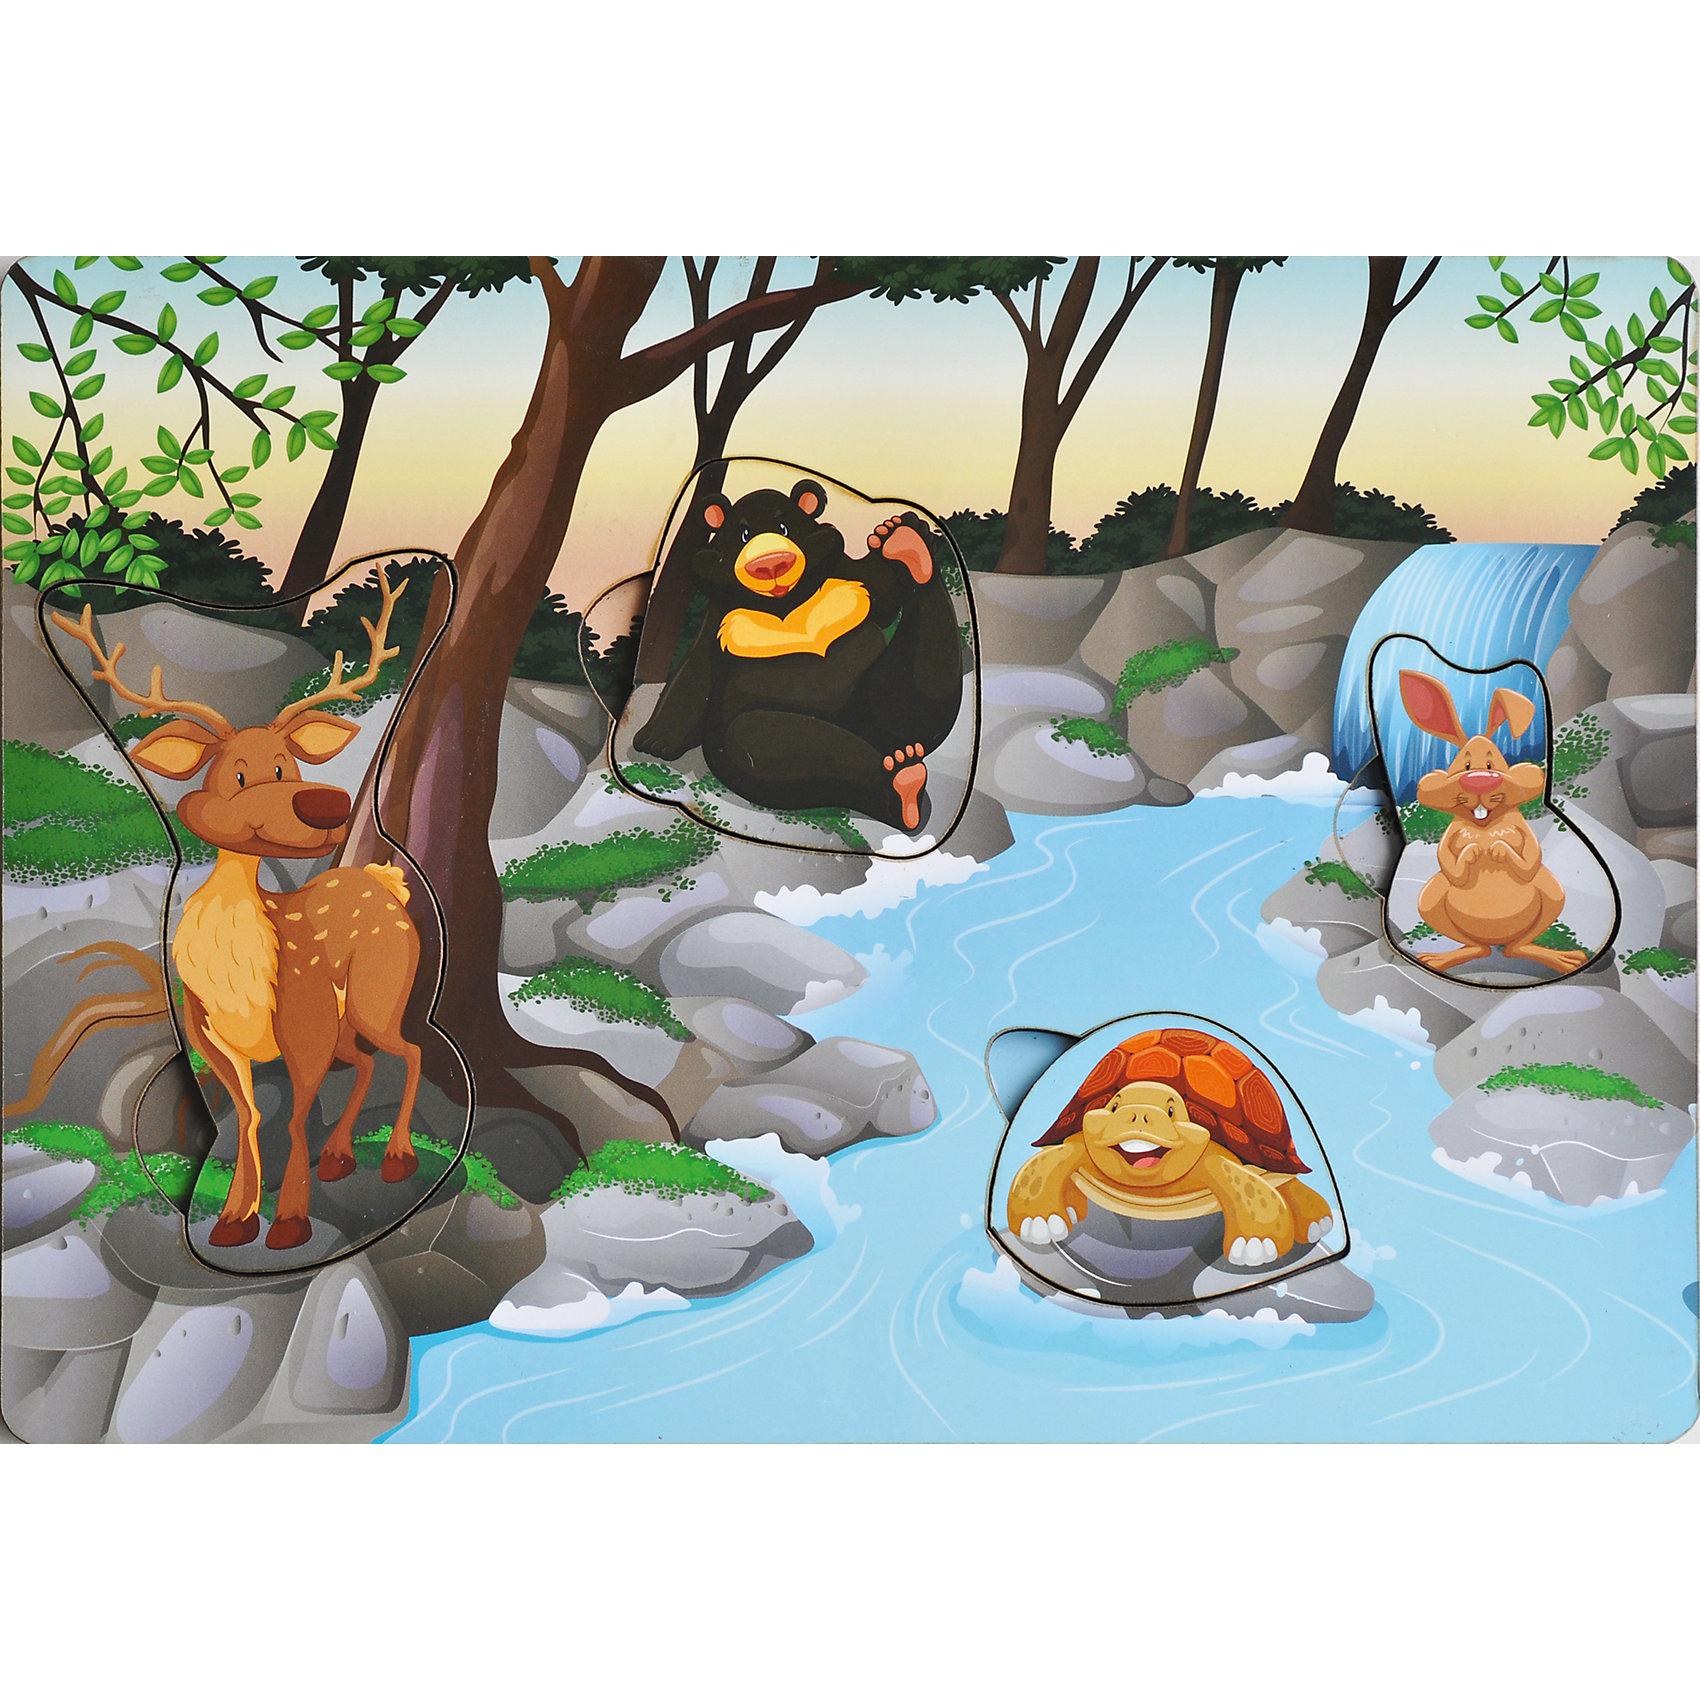 Развивающая рамка-вкладыш  «Звери на Реке», Мастер игрушекЗвери на реке - яркая рамка-вкладыш, с помощью которого ребенок познакомится с животными, отдыхающими возле реки, рассмотрит их, вытащив из ячеек и найдет им свой домик, вставив их обратно. Яркая картинка понравится малышу, а игра поможет развить мелкую моторику, координацию и обогатить словарный запас.<br><br>Дополнительная информация:<br>В комплекте: 4 вкладыша, рамка<br>Материал: дерево<br>Размер: 0,5х20х28 см<br>Вес: 260 грамм<br>Вы можете купить рамку-вкладыш Звери на реке в нашем интернет-магазине.<br><br>Ширина мм: 280<br>Глубина мм: 200<br>Высота мм: 5<br>Вес г: 260<br>Возраст от месяцев: 36<br>Возраст до месяцев: 120<br>Пол: Унисекс<br>Возраст: Детский<br>SKU: 4953659